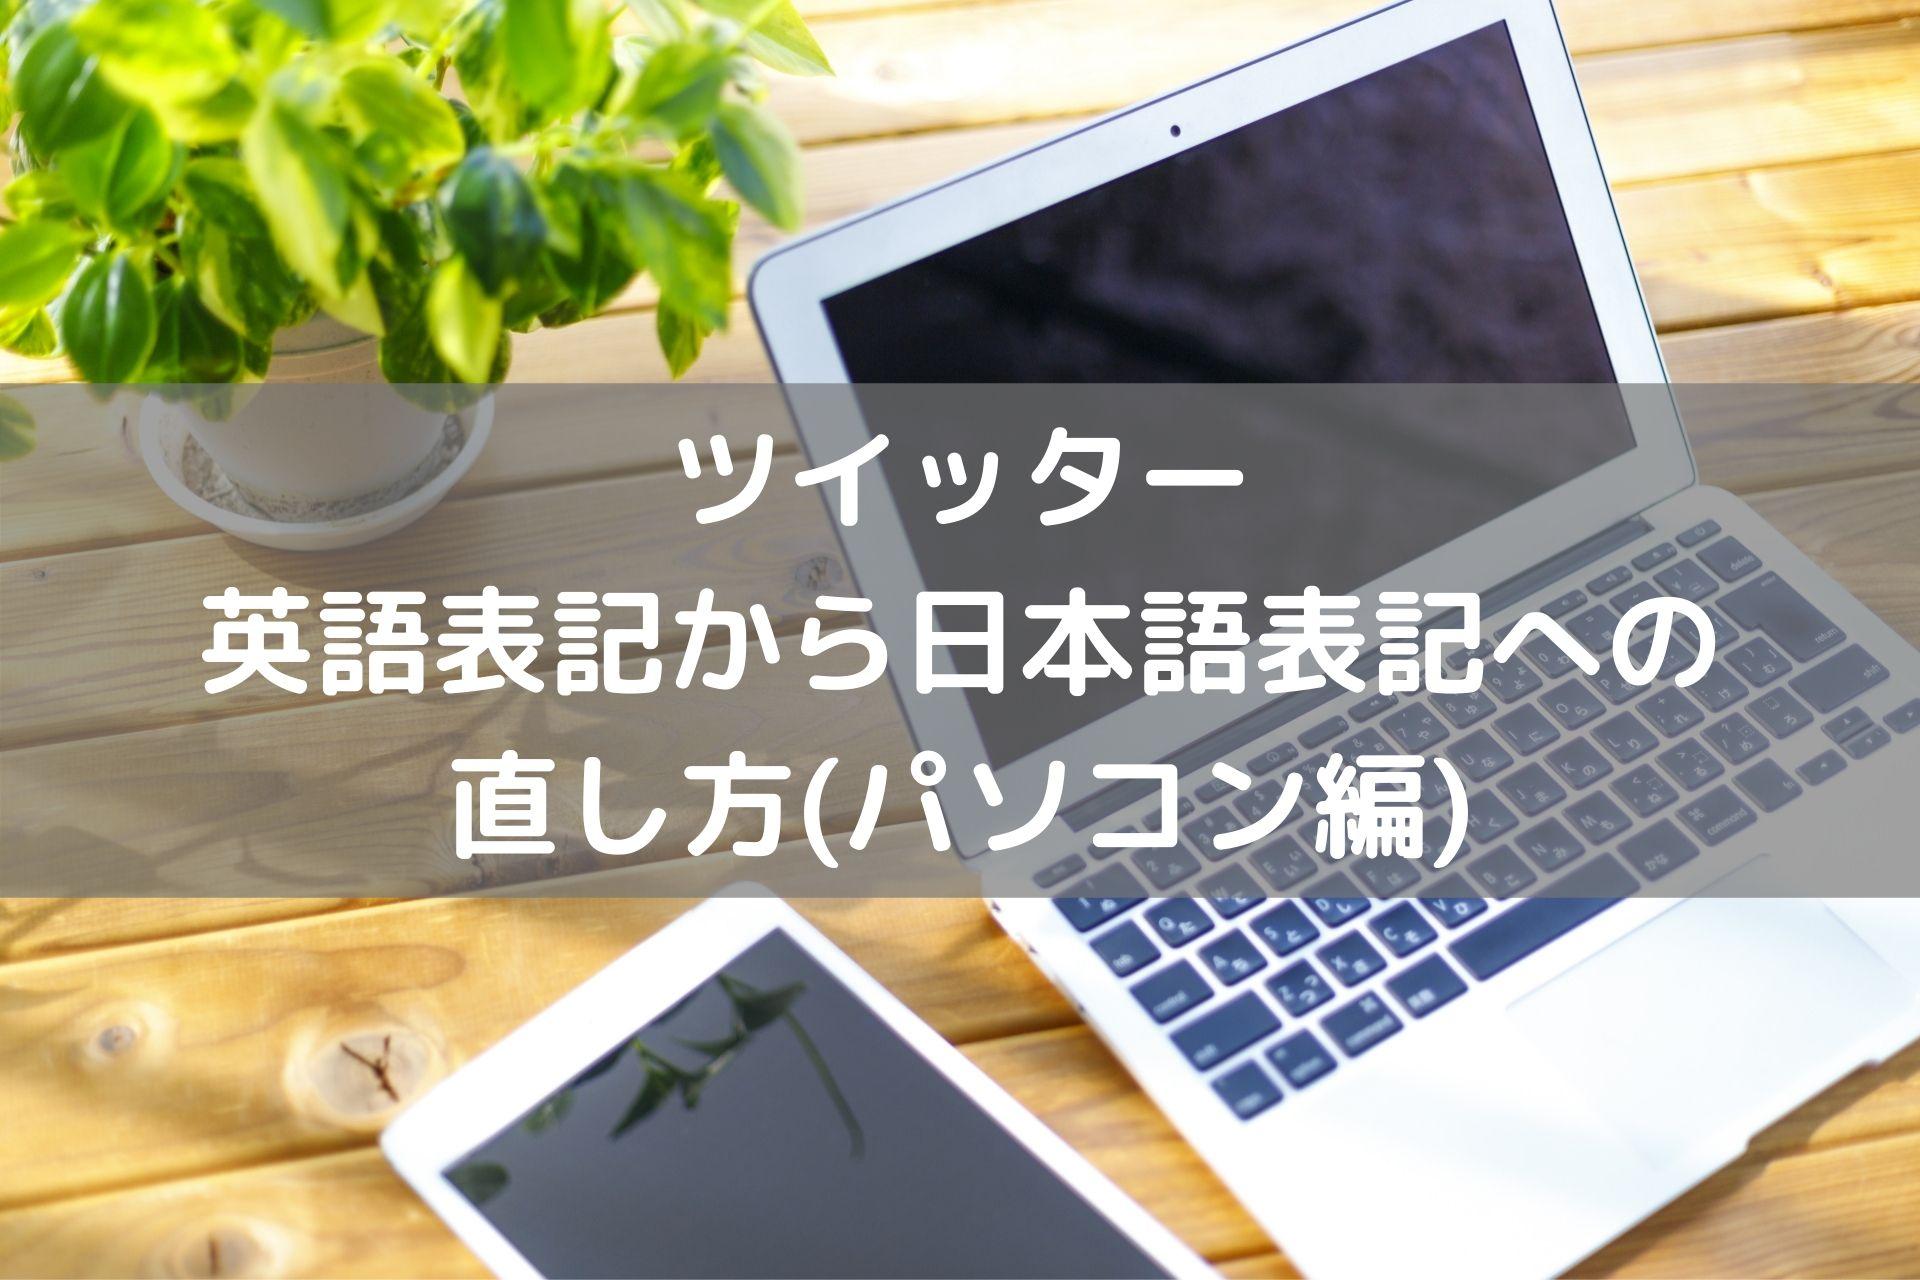 Twitterが英語になった際、日本語表記に直す方法(PC編)